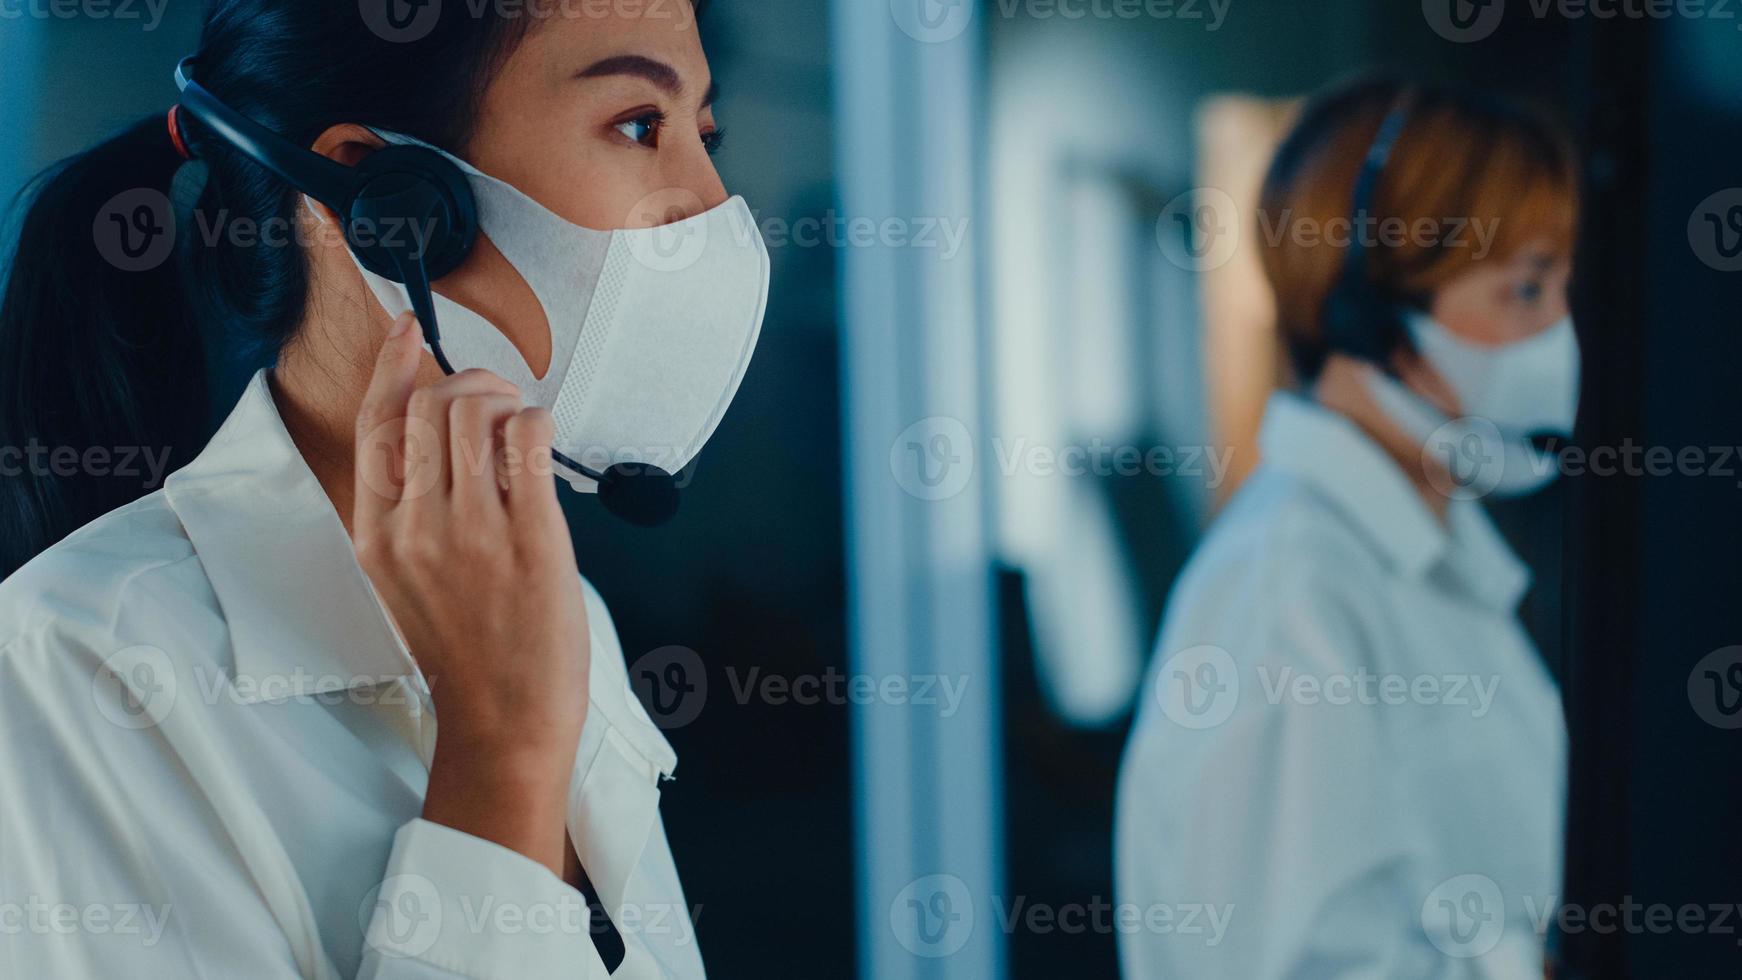 A equipe jovem de call center da Ásia milenar ou executivo de serviço de suporte ao cliente usando máscara facial impede covid-19 usando computador e fone de ouvido com microfone trabalhando no suporte técnico tarde da noite no escritório. foto